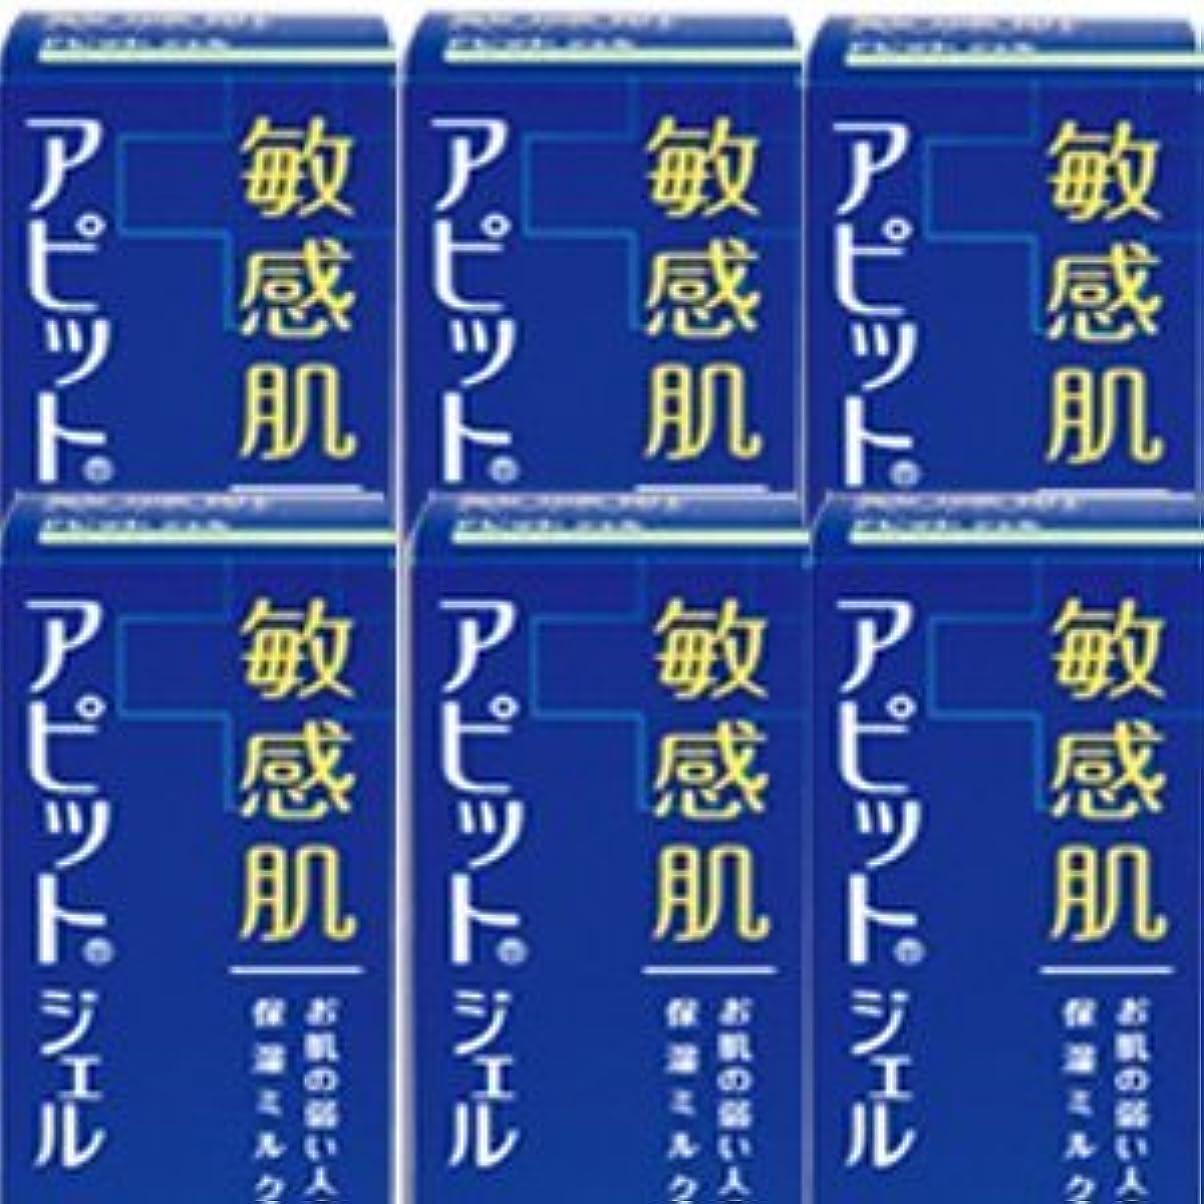 失業一元化するアルコール【6個】全薬工業 アピットジェルS 120mlx6個セット (4987305034625)